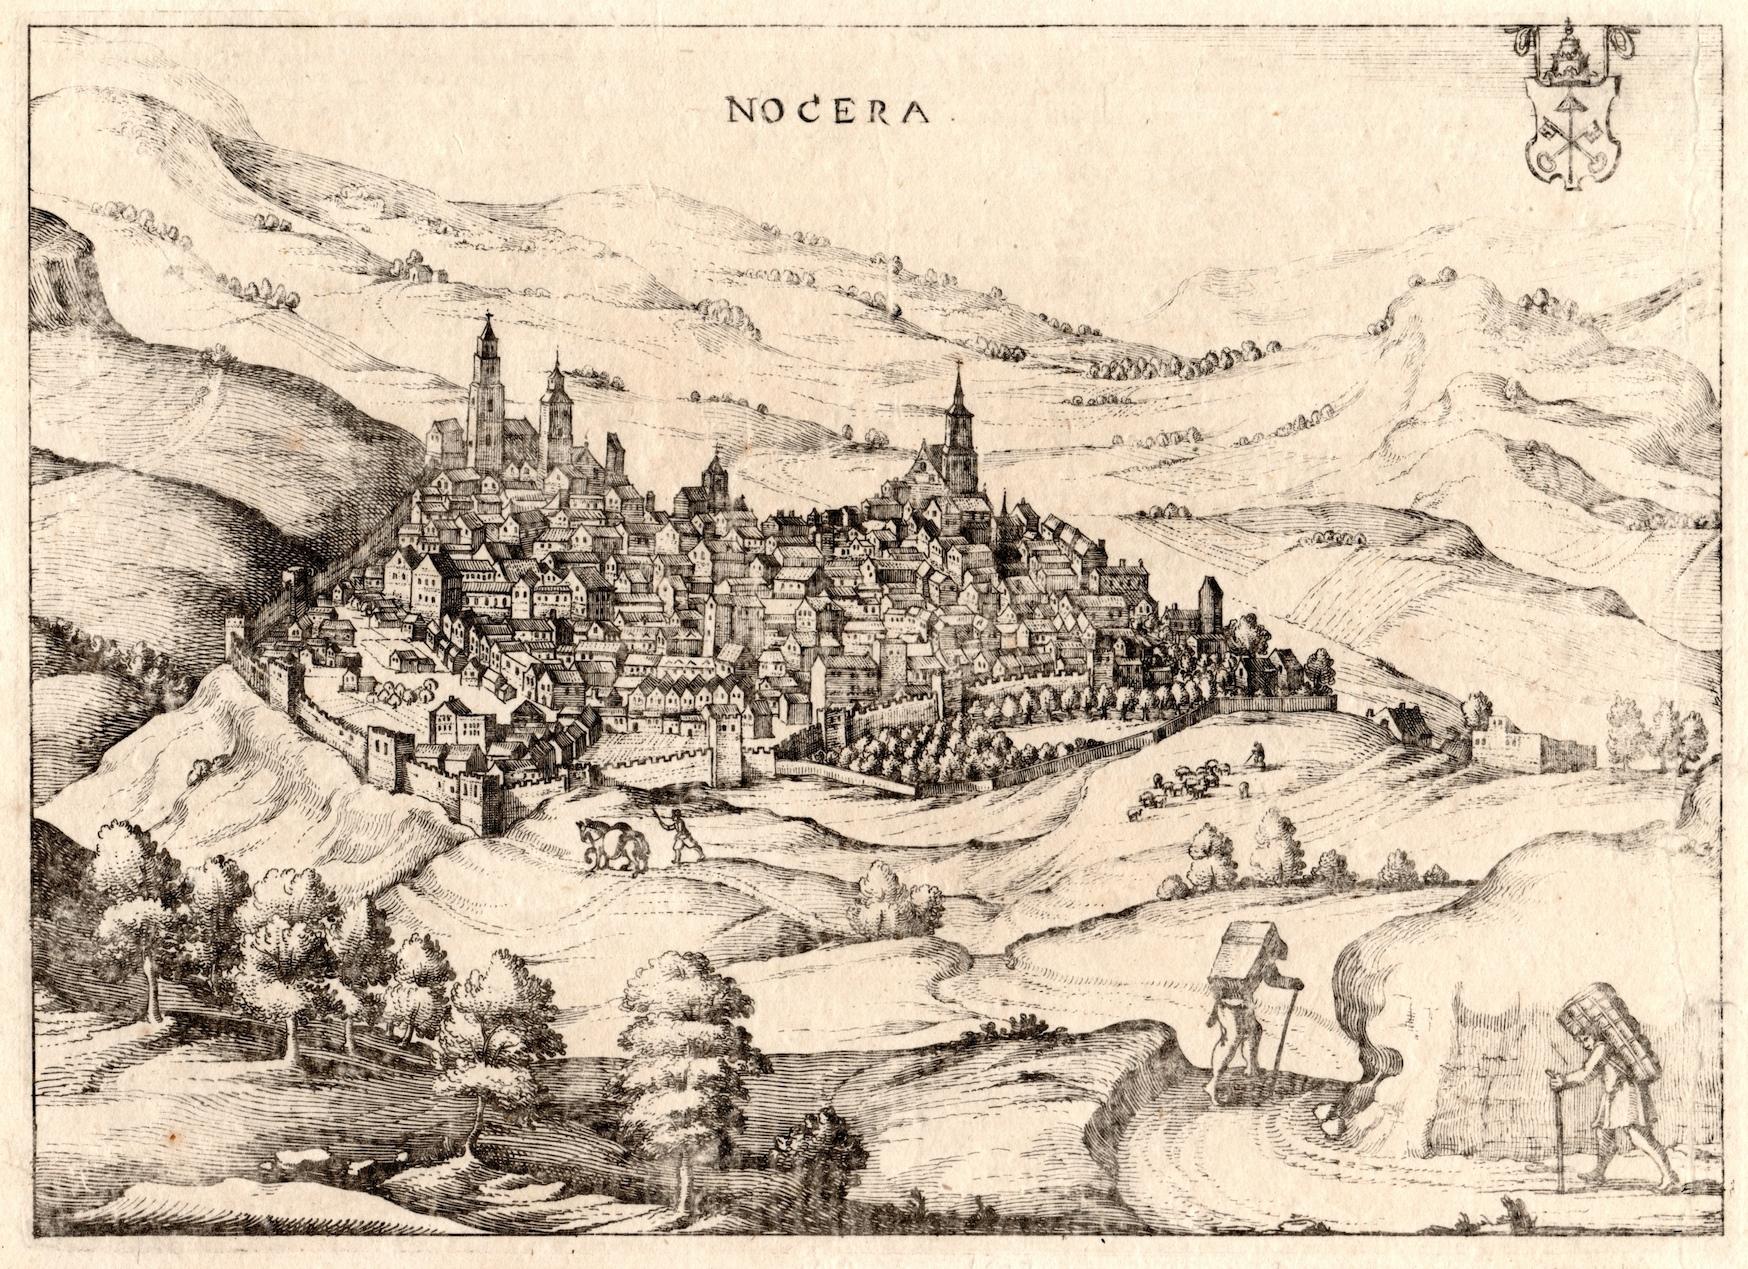 1627-hondius-nocera